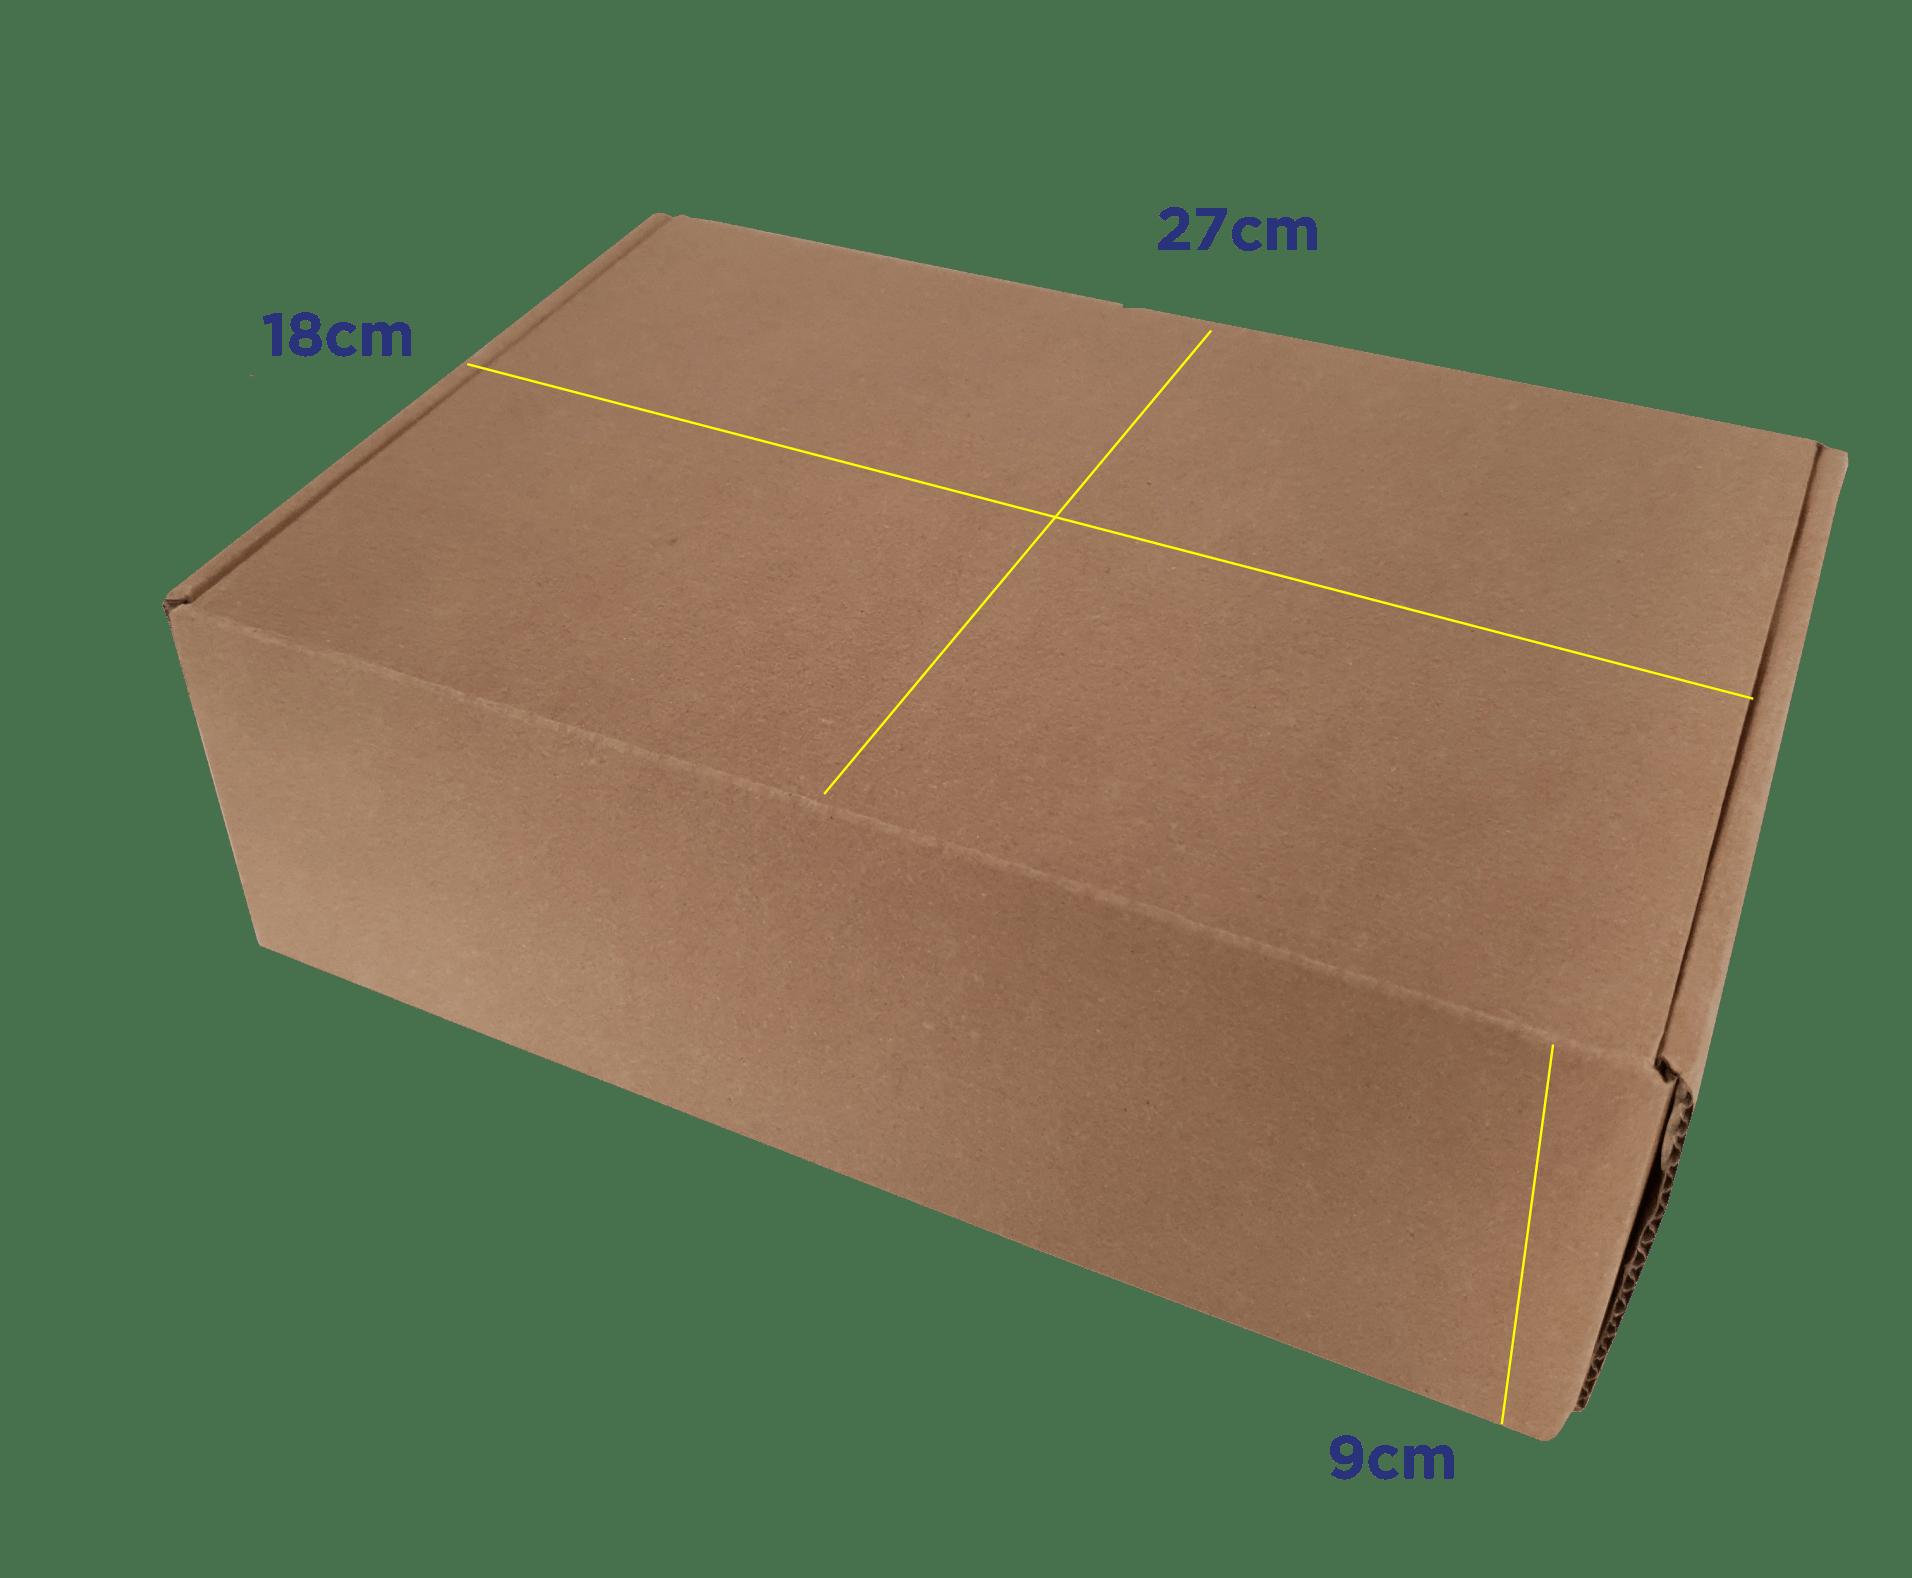 CAIXA E-COMMERCE M - 27 x 18 x 9cm - PACK C/25 UND